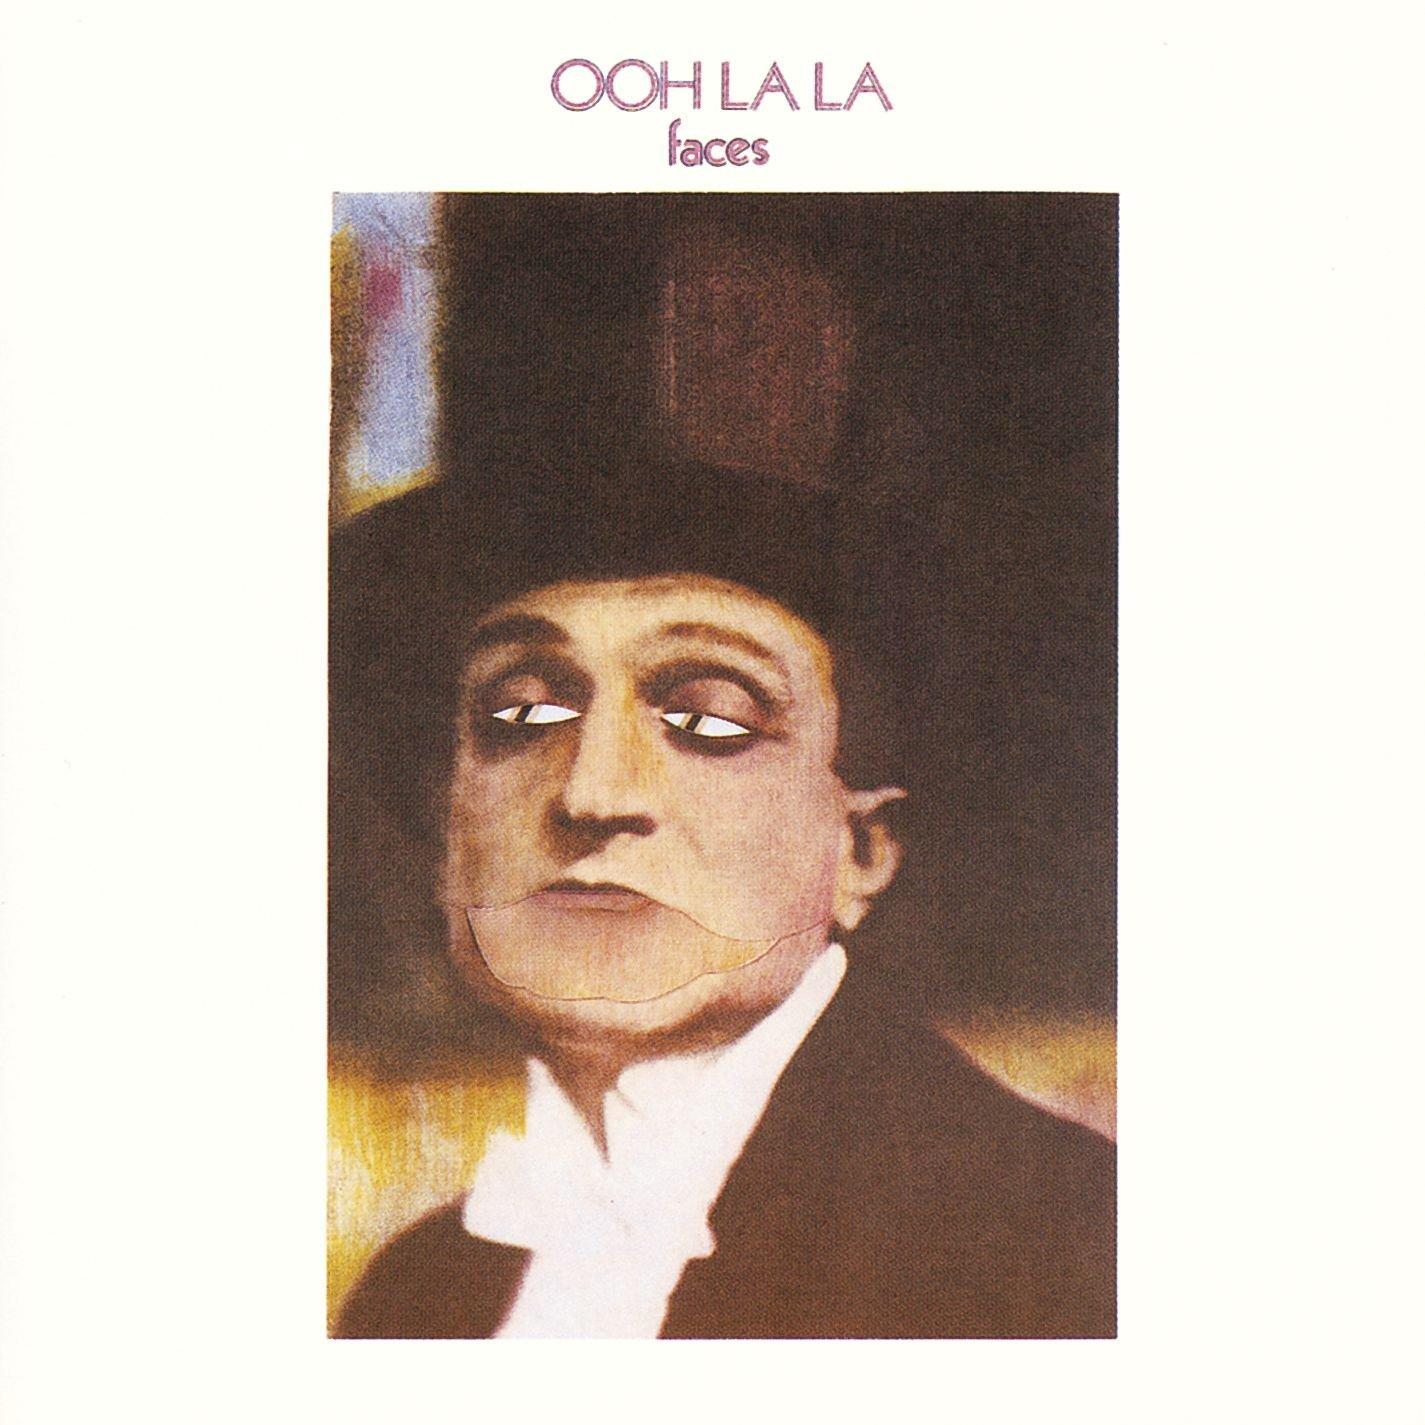 The Faces - Ooh La La - cover